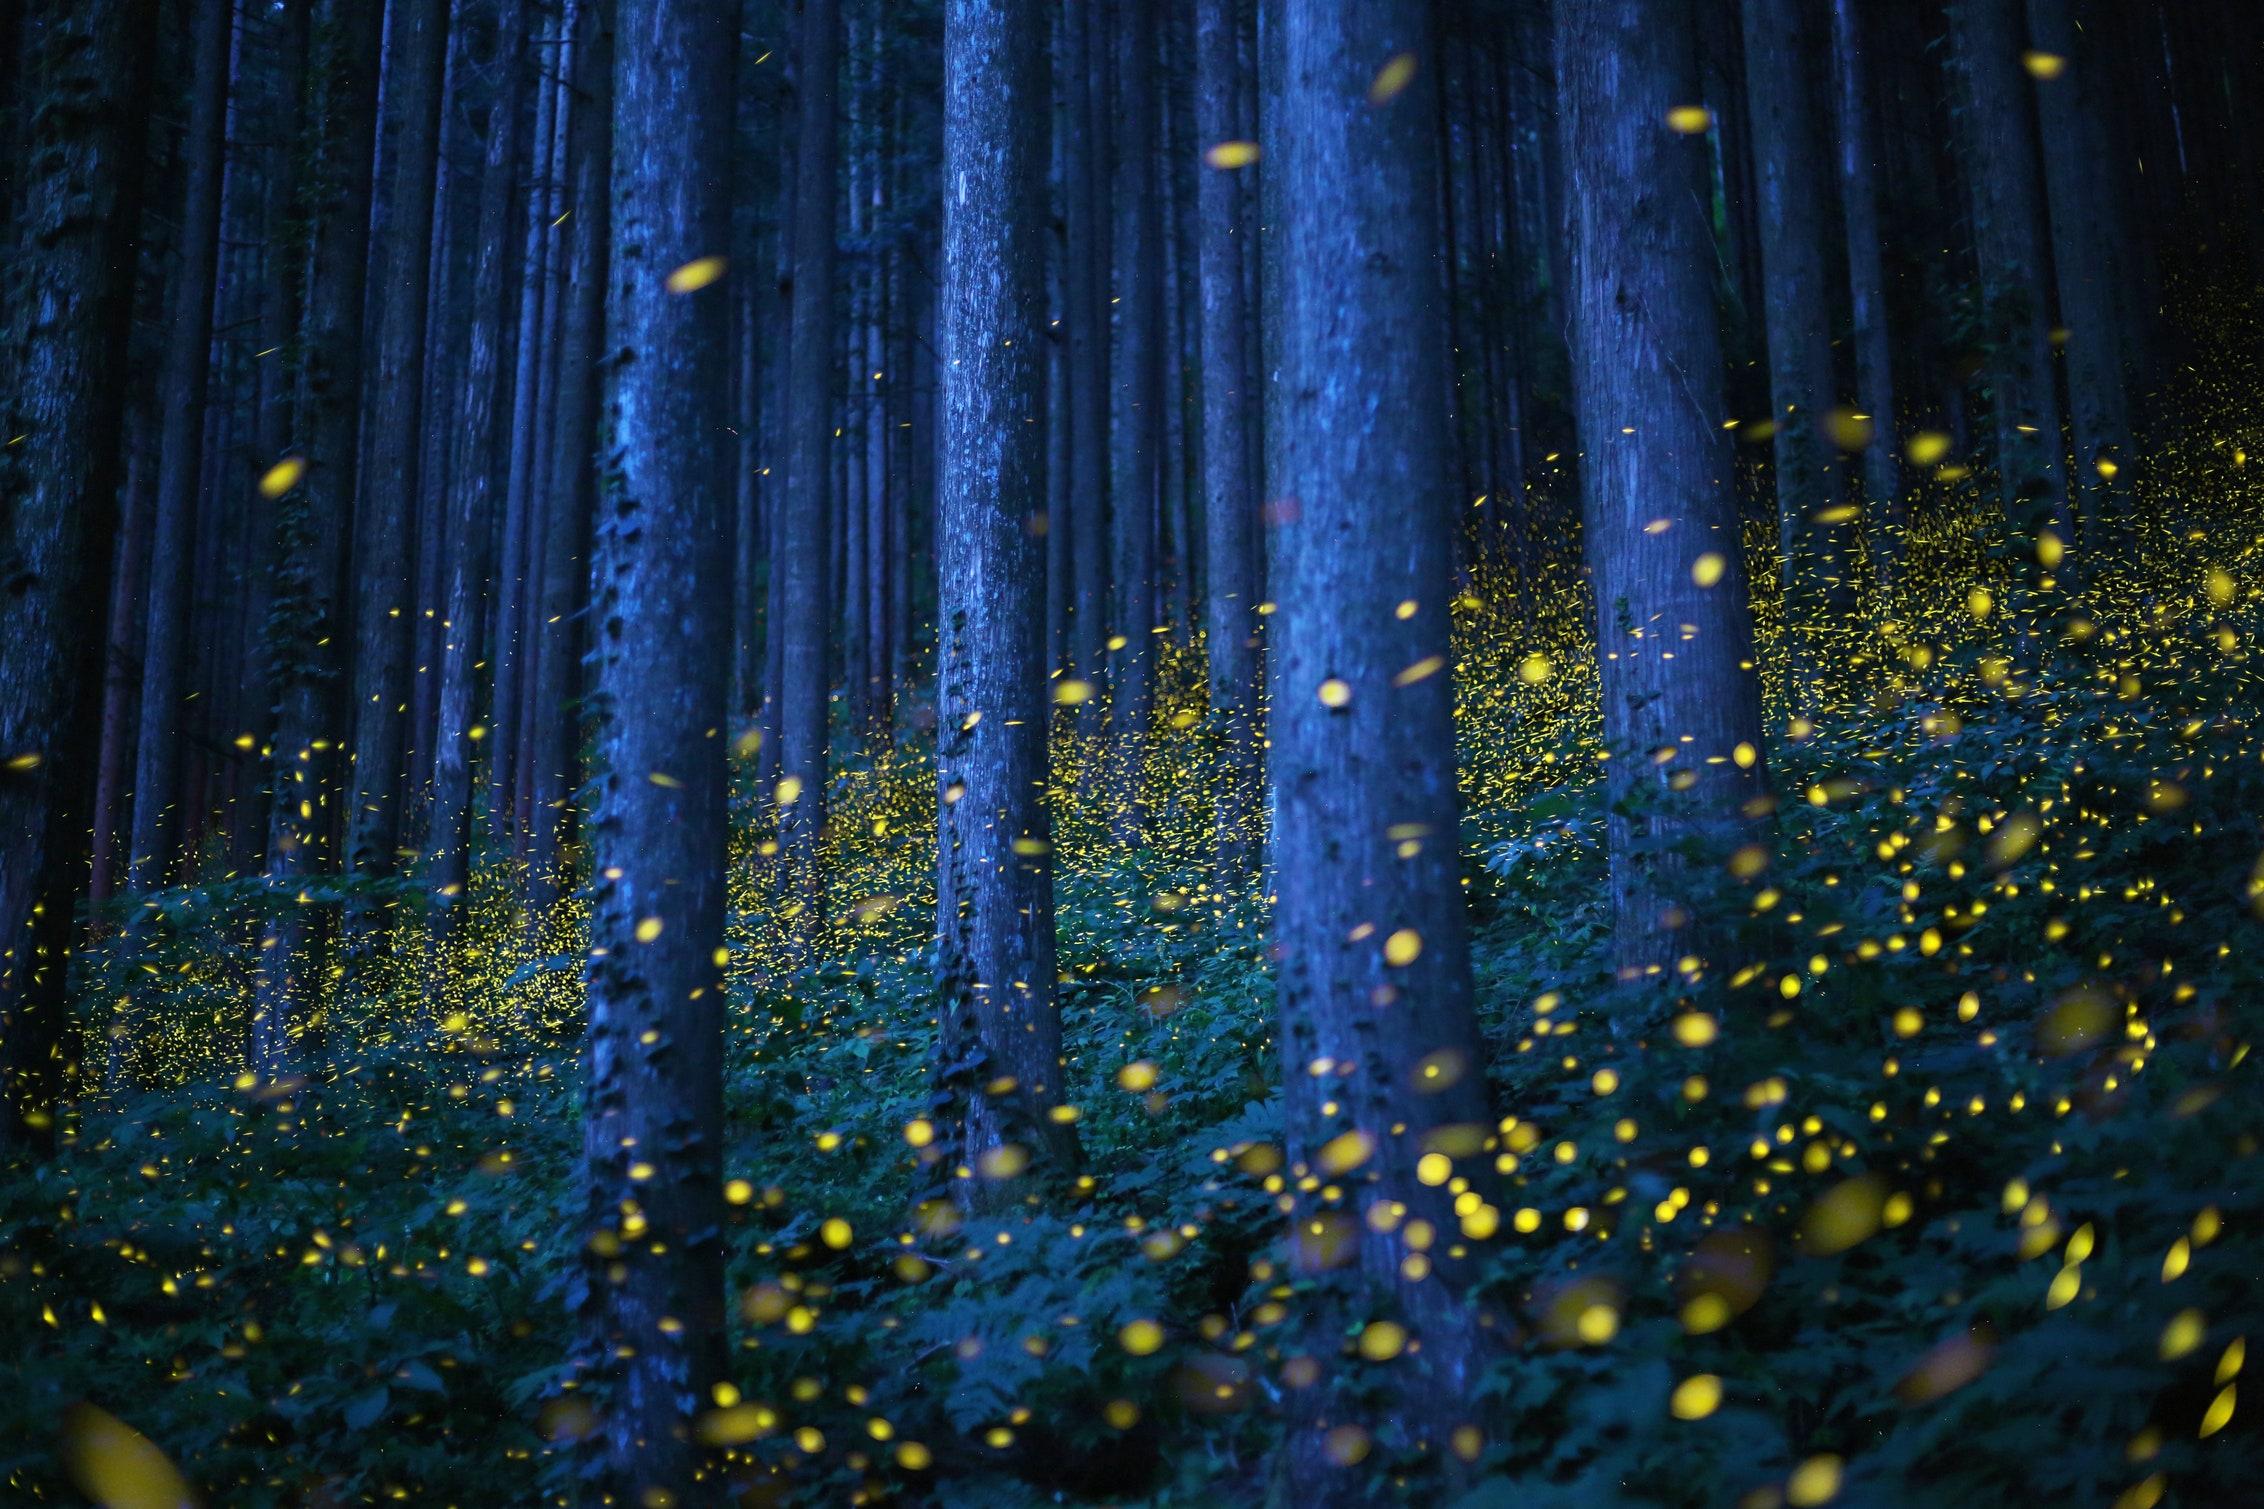 Fireflies by Nomiyama